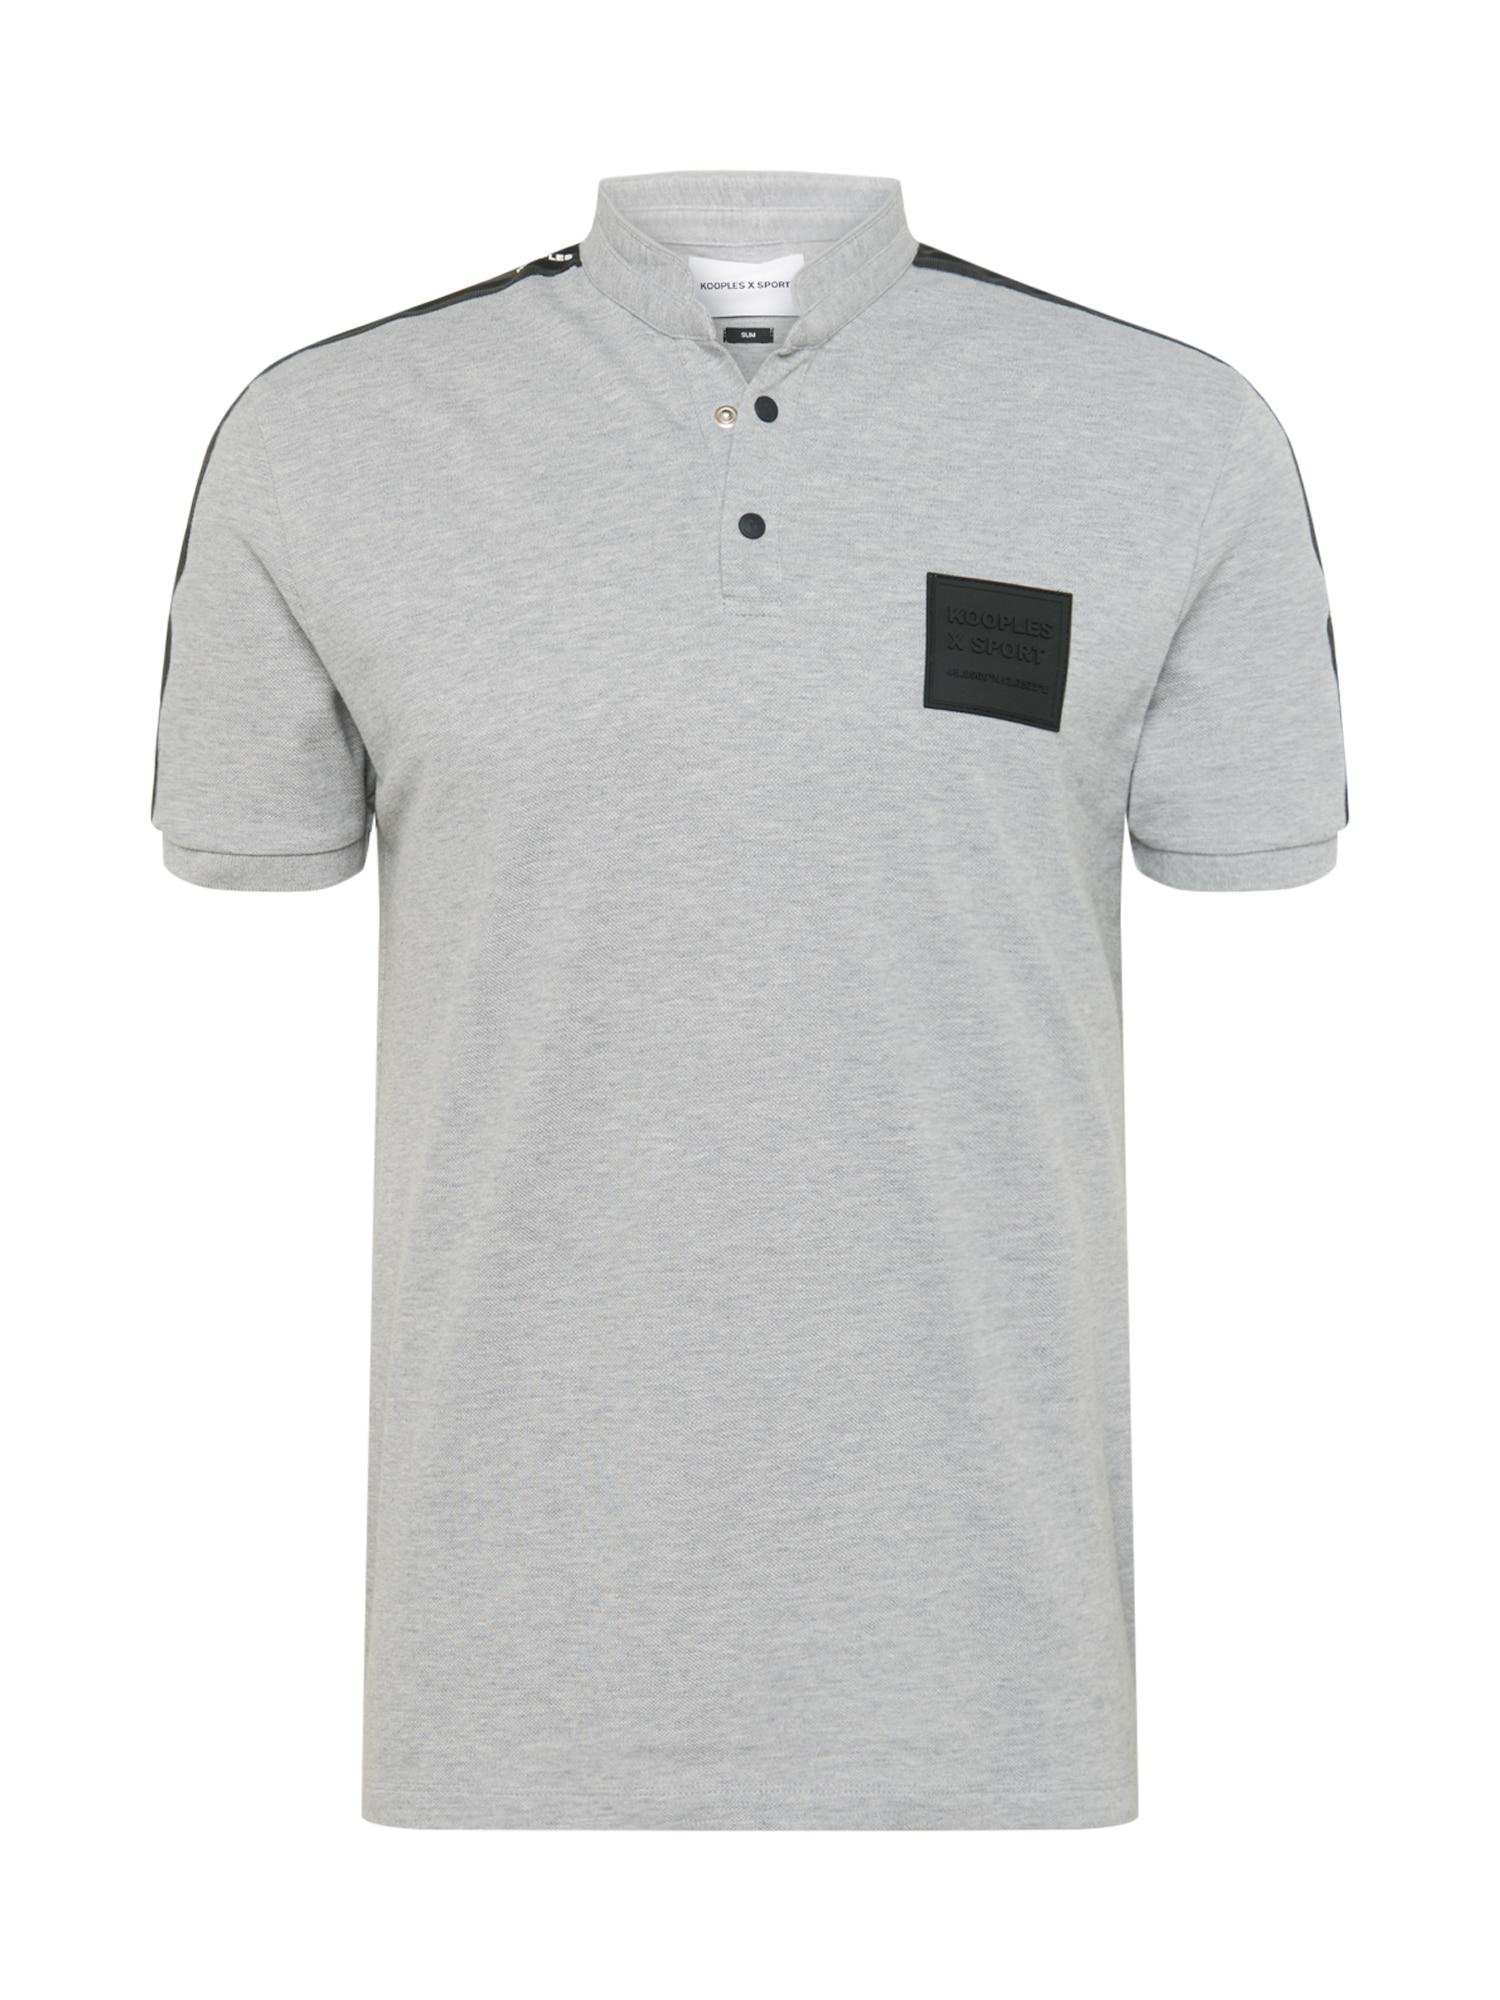 THE KOOPLES SPORT Marškinėliai šviesiai pilka